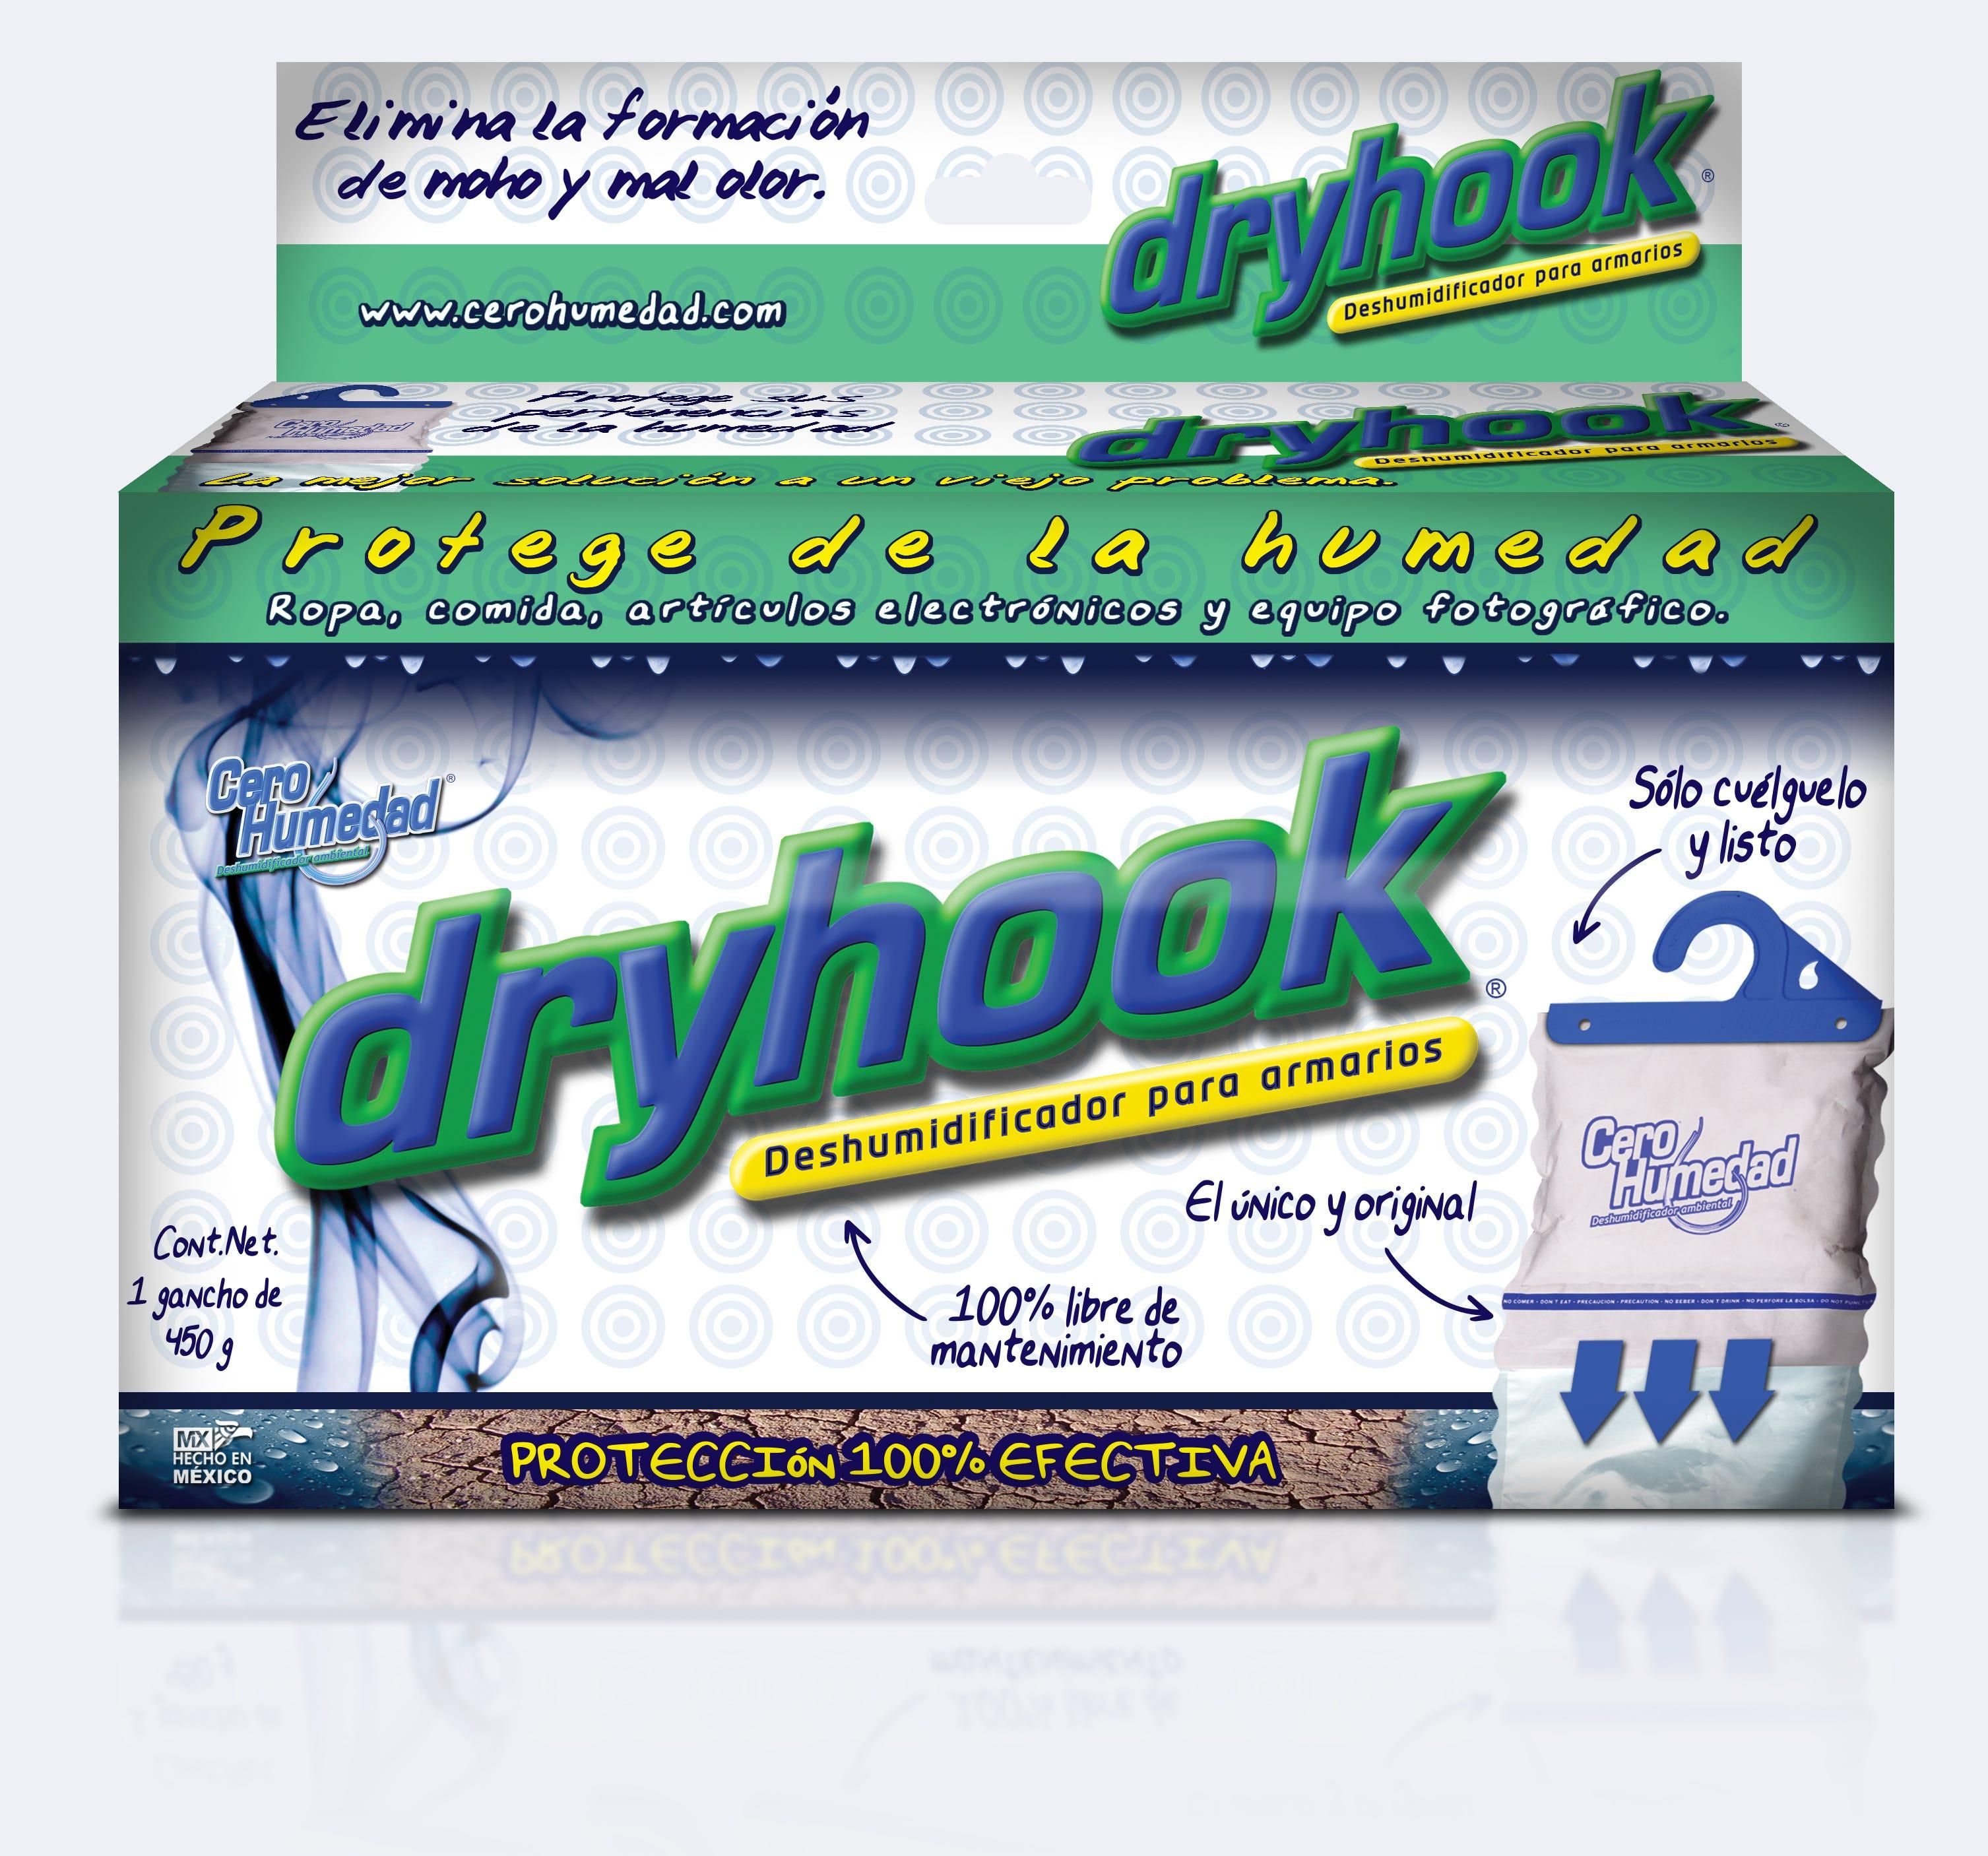 Deshumidificador Cero humedad Dryhook™, de 450 g